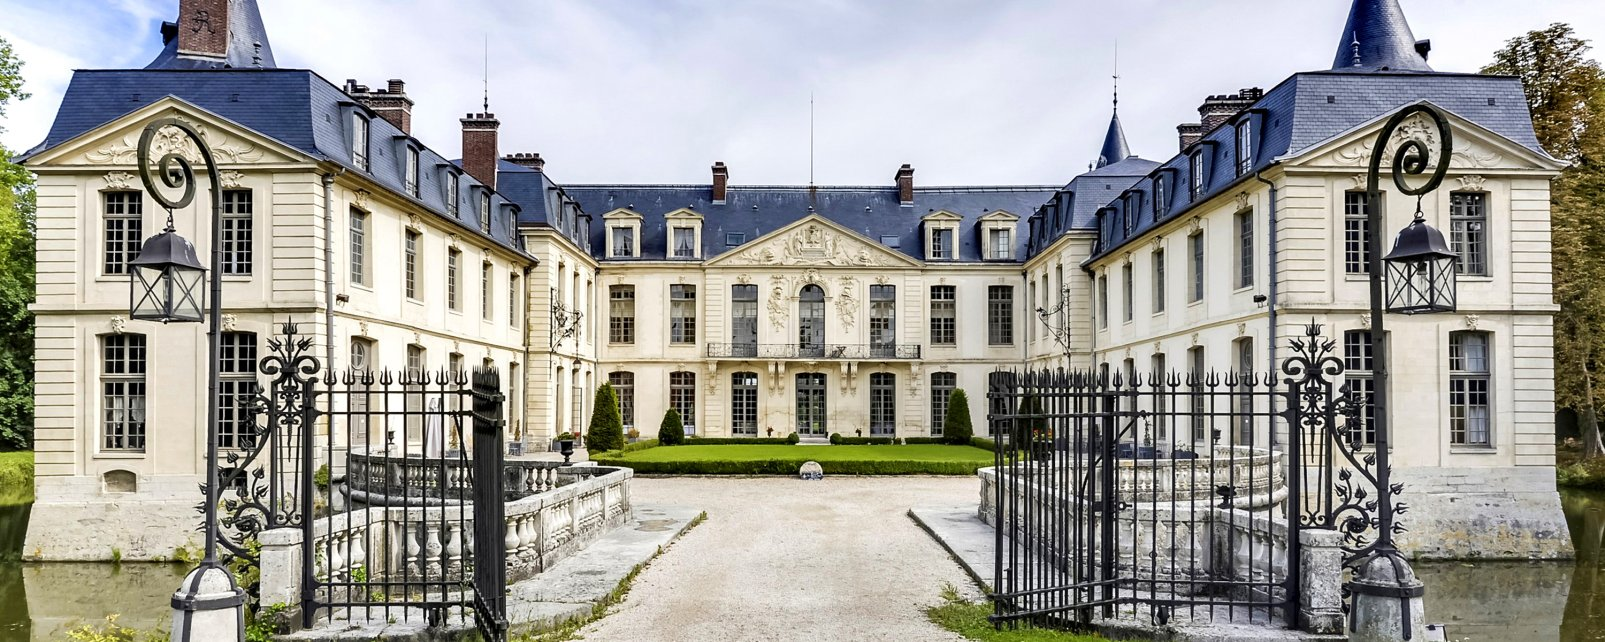 Hôtel Chateau d Ermenonville